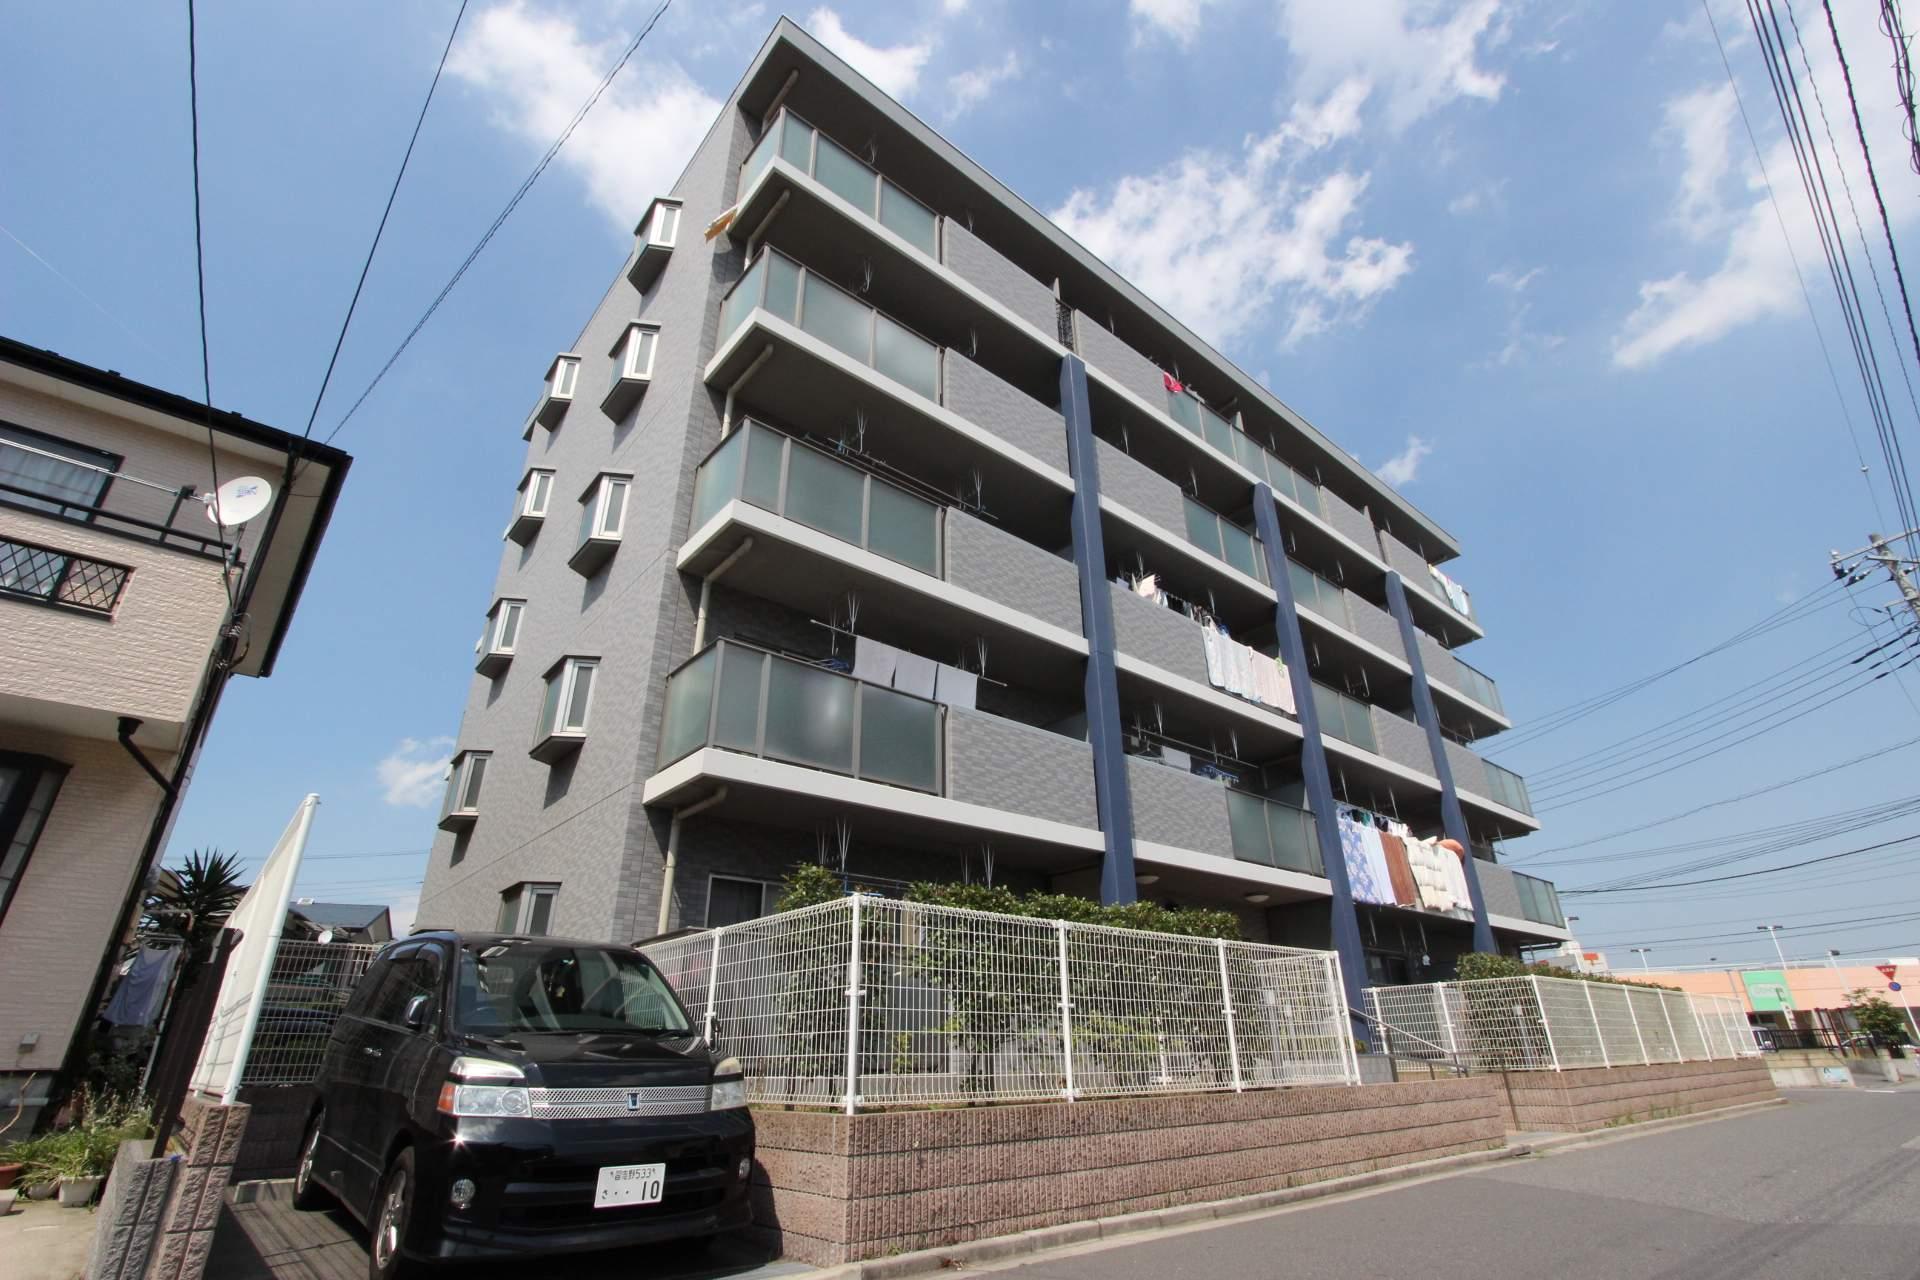 千葉県鎌ケ谷市、鎌ヶ谷駅徒歩3分の築6年 5階建の賃貸マンション